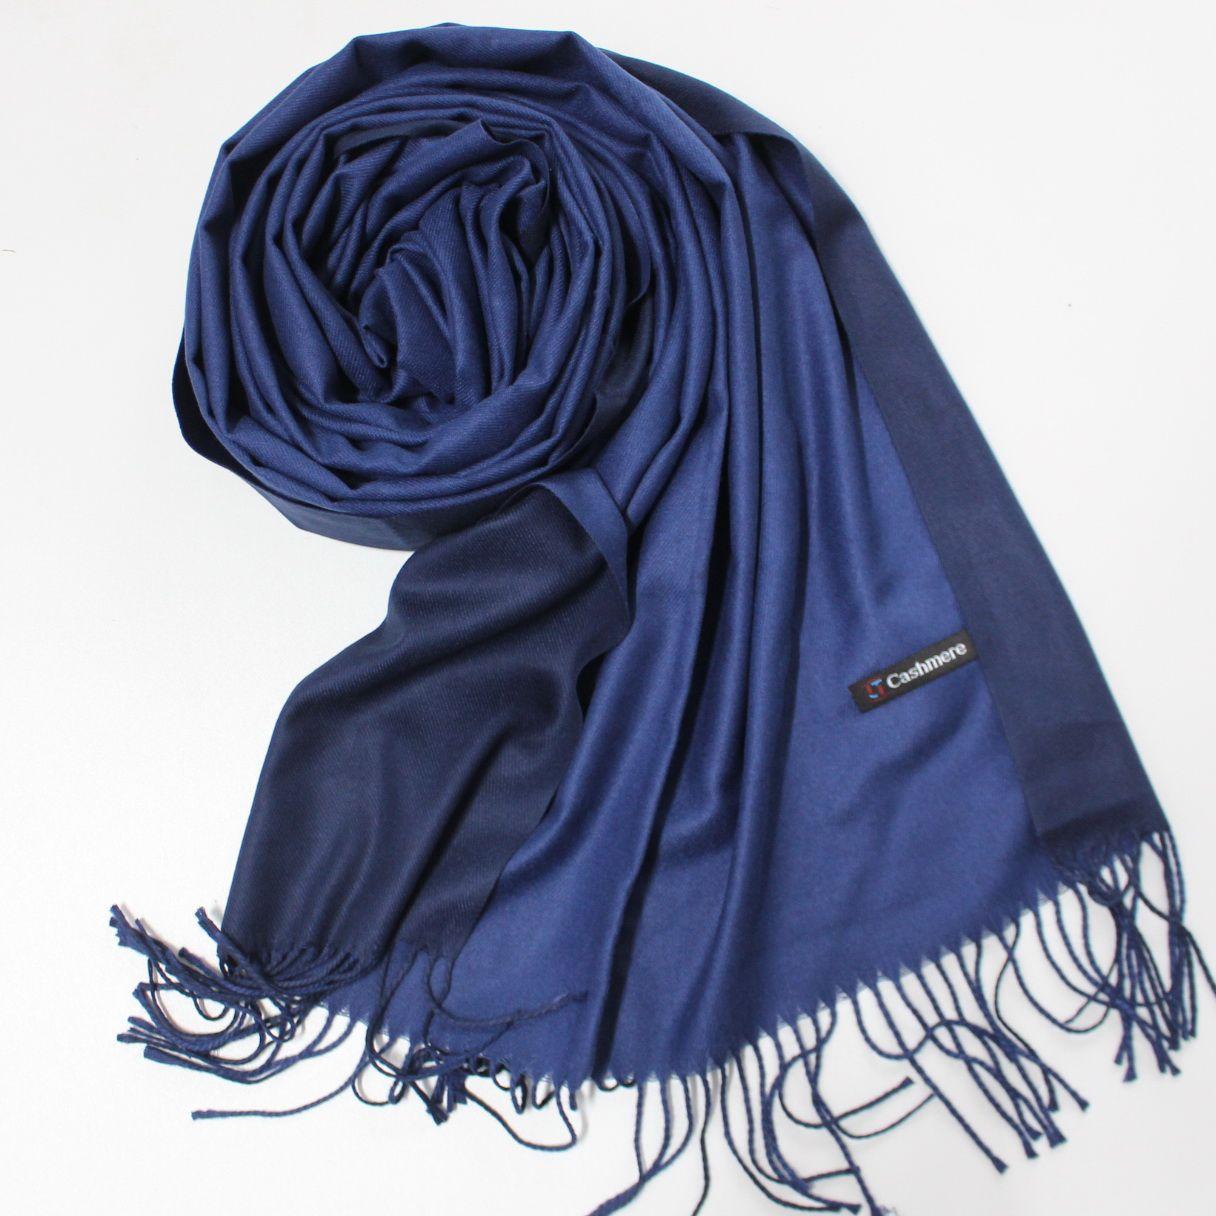 Теплый шарф одтонный двухсторонний кашемировый 132009